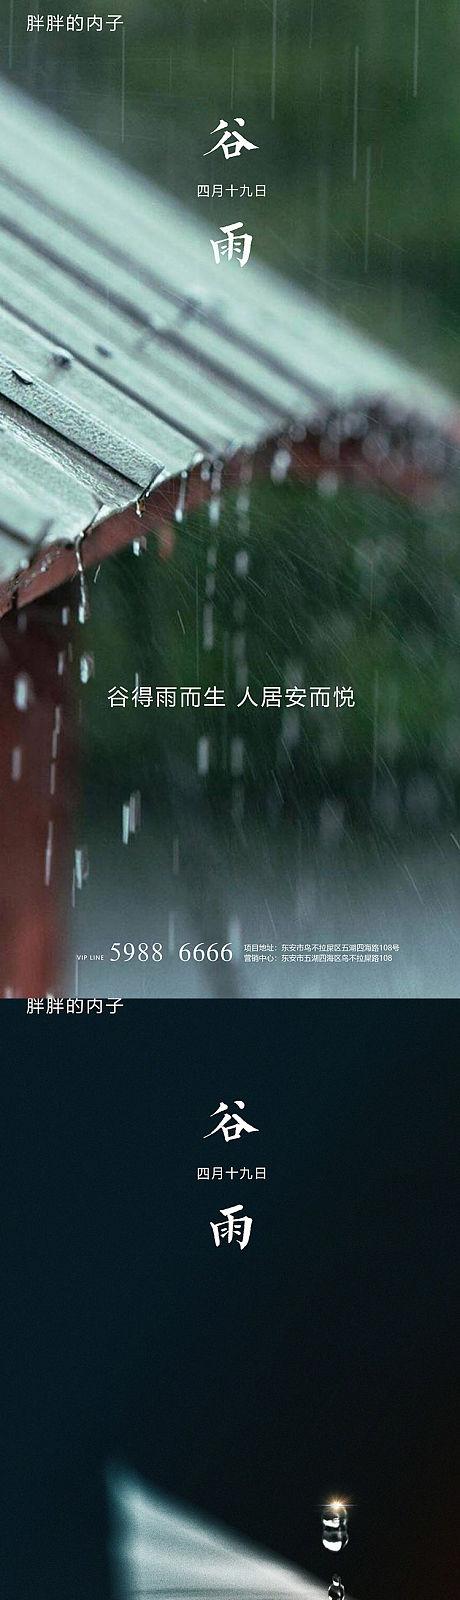 谷雨节气系列海报